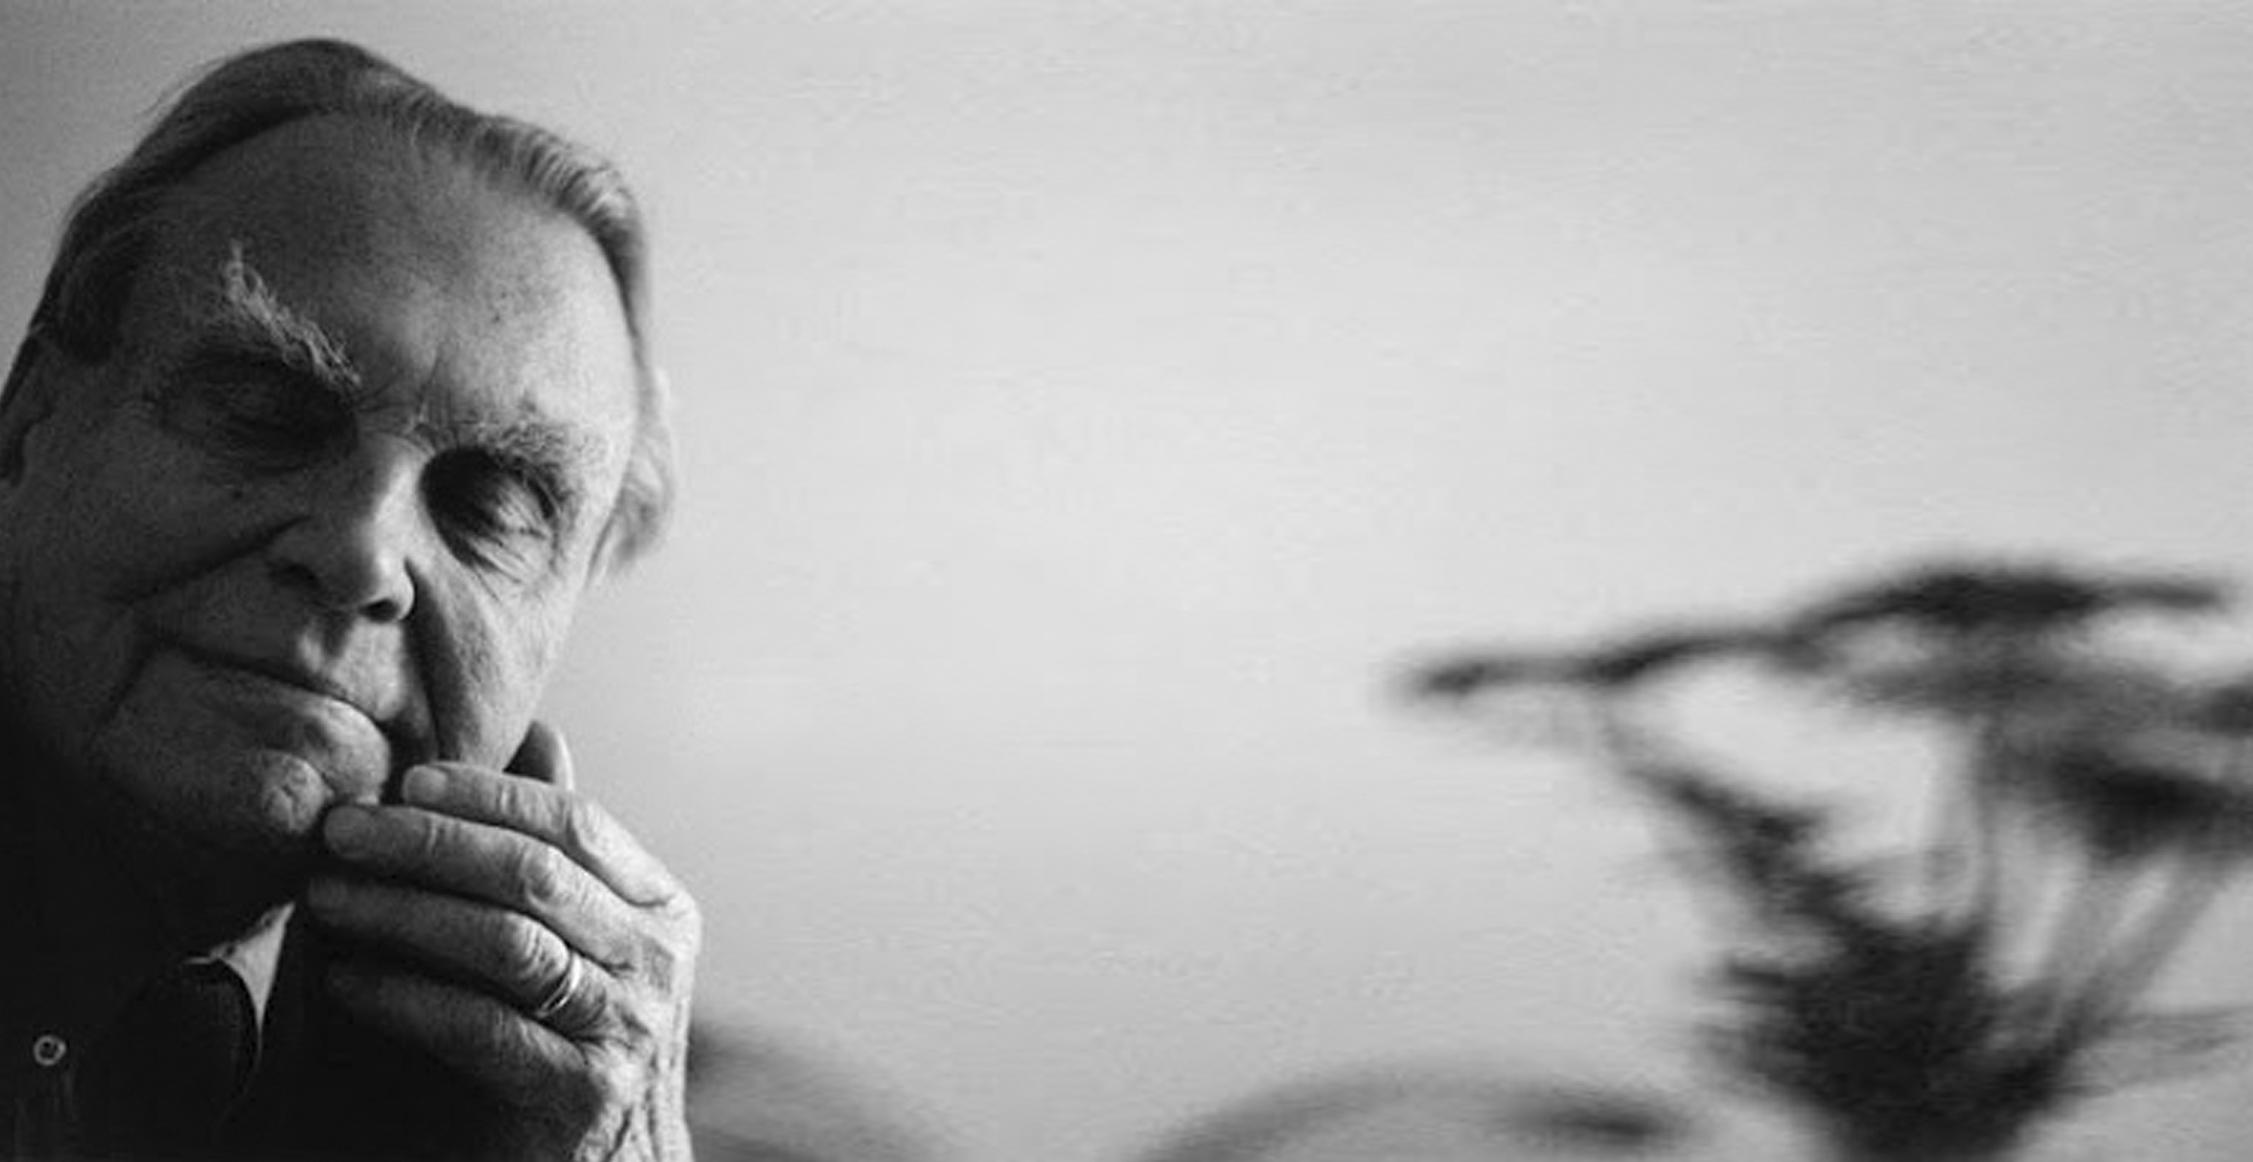 Статья, Чеслав Милош: бесстрашный художник, нашедший вкус счастья, Персона